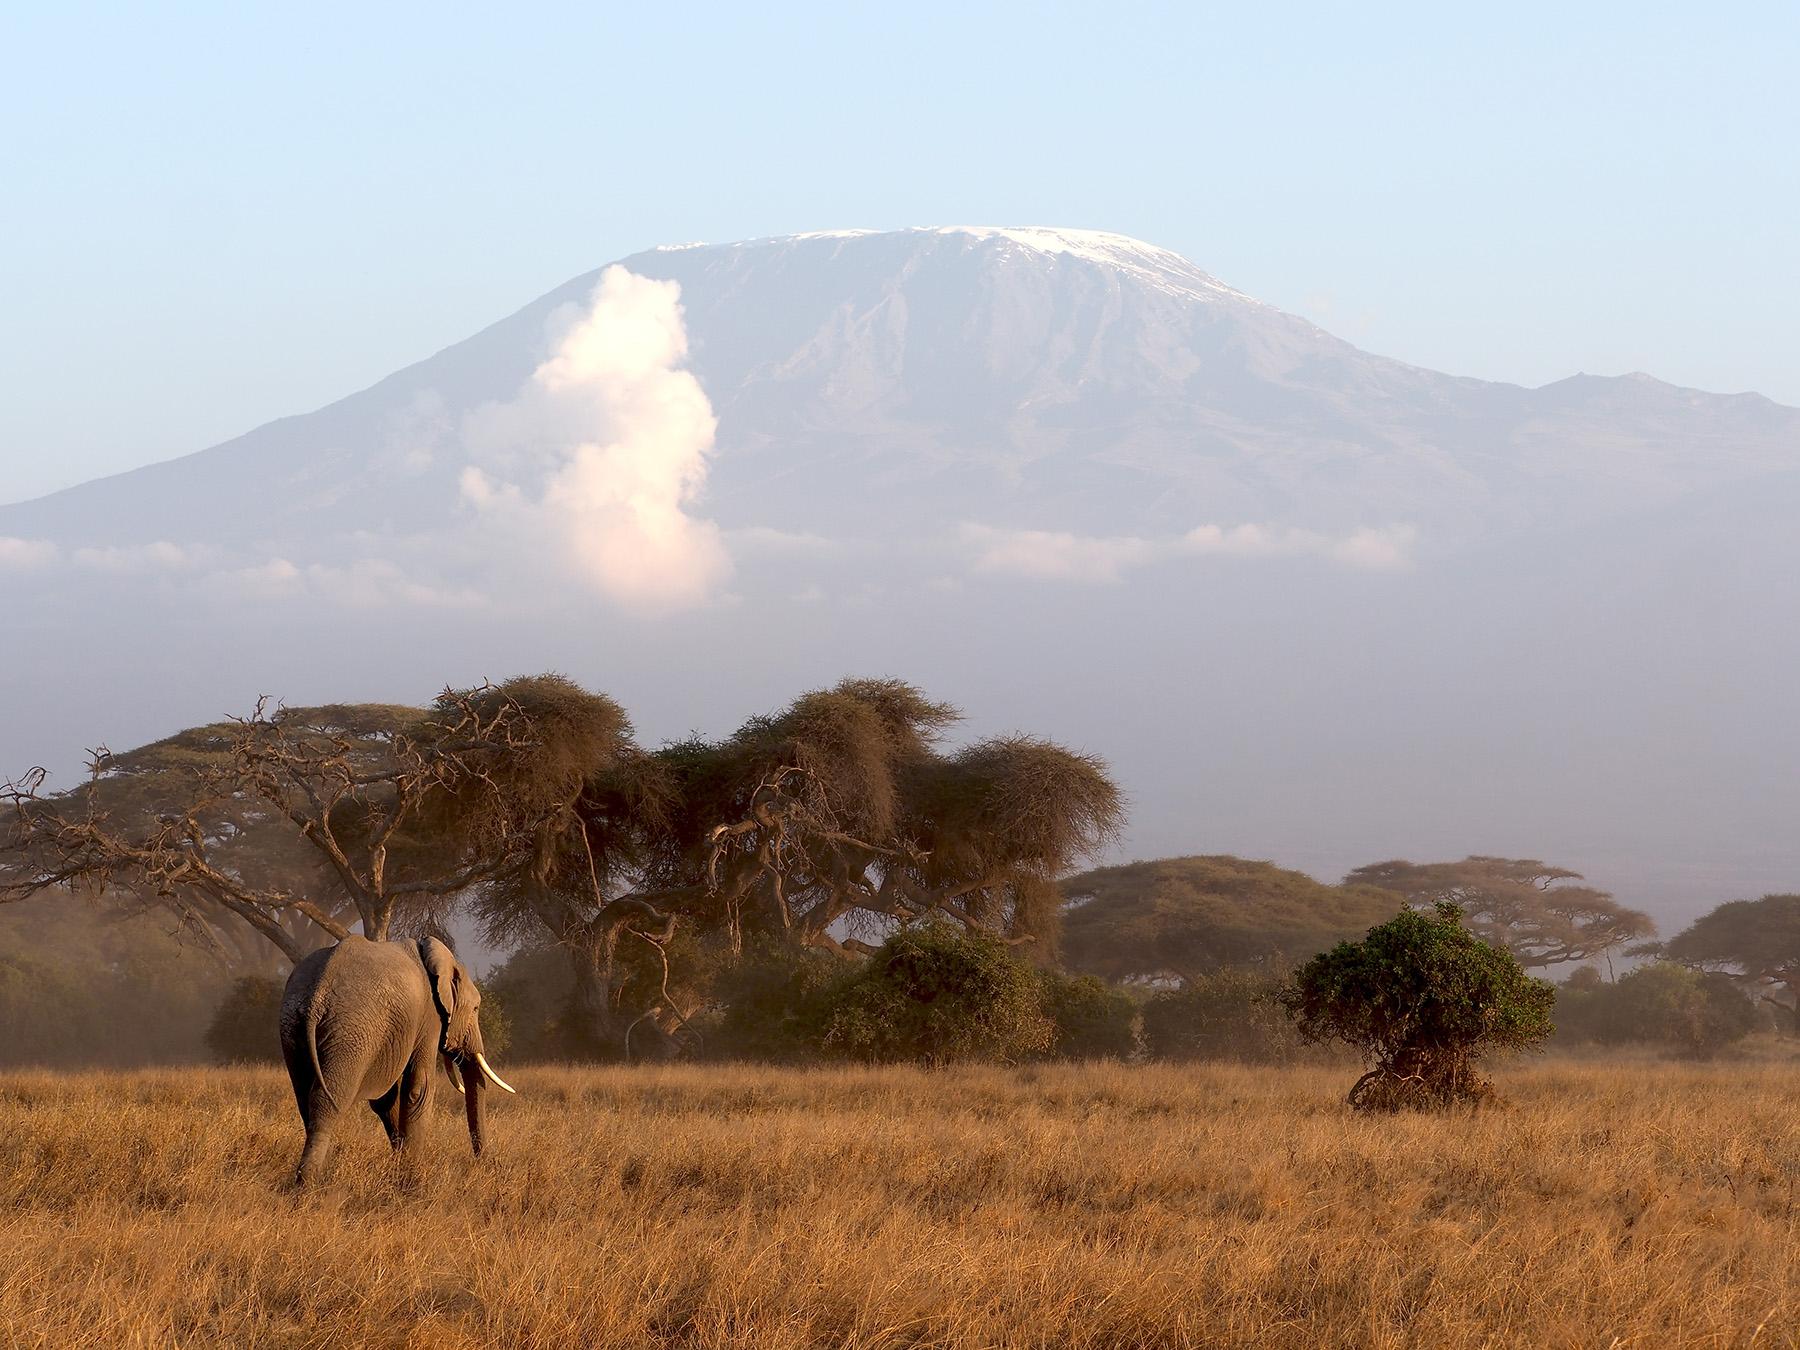 Ranjan_Ramchandani_Elephantsof Amboseli_Home bound.jpg